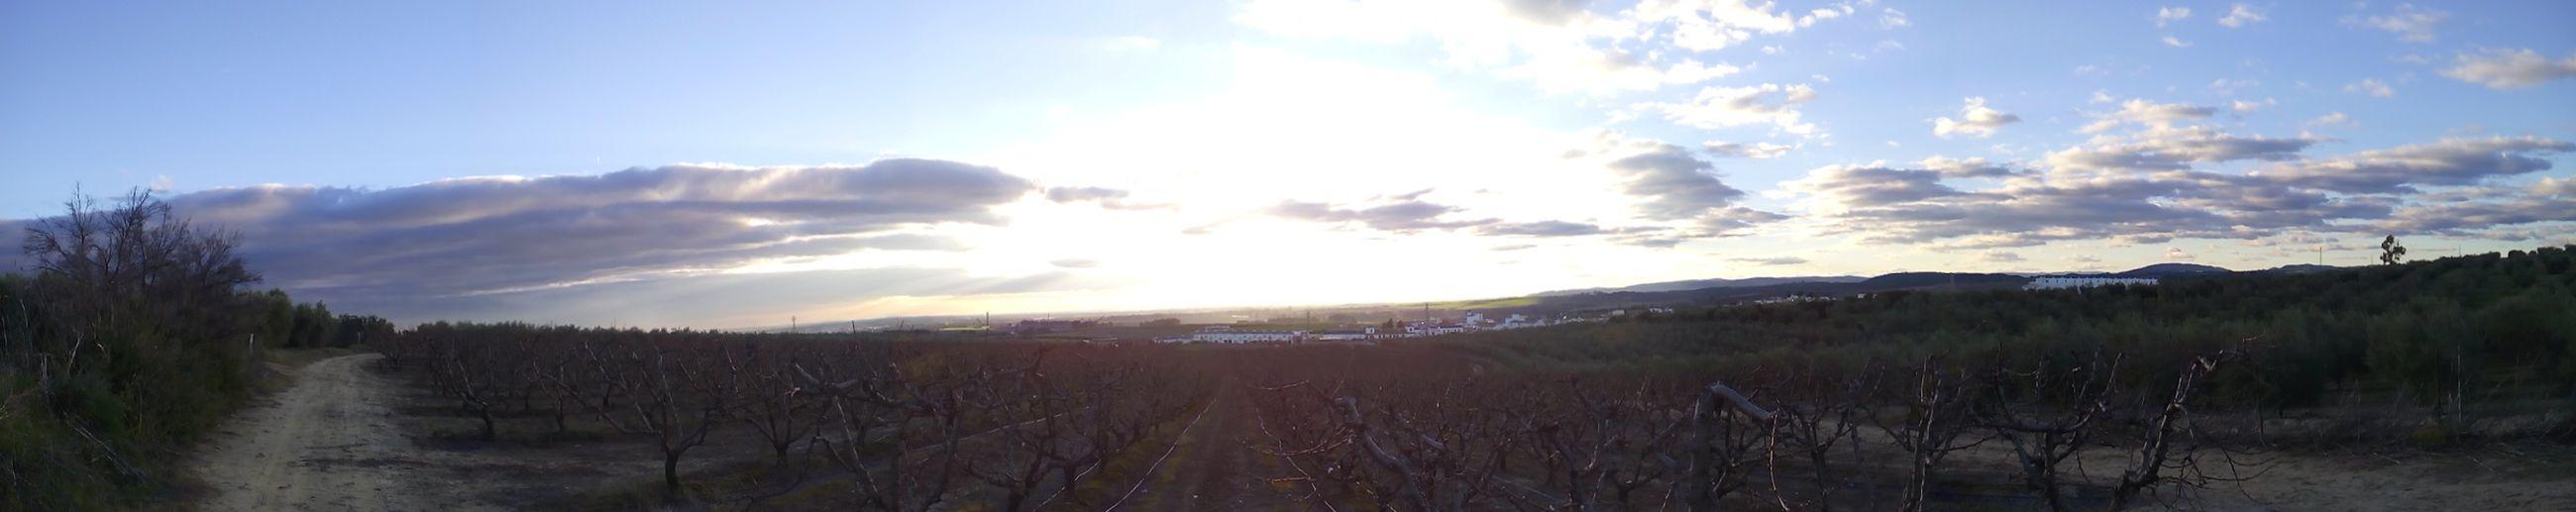 Panoramic Panorámica Panoramic Photography Panoramic View